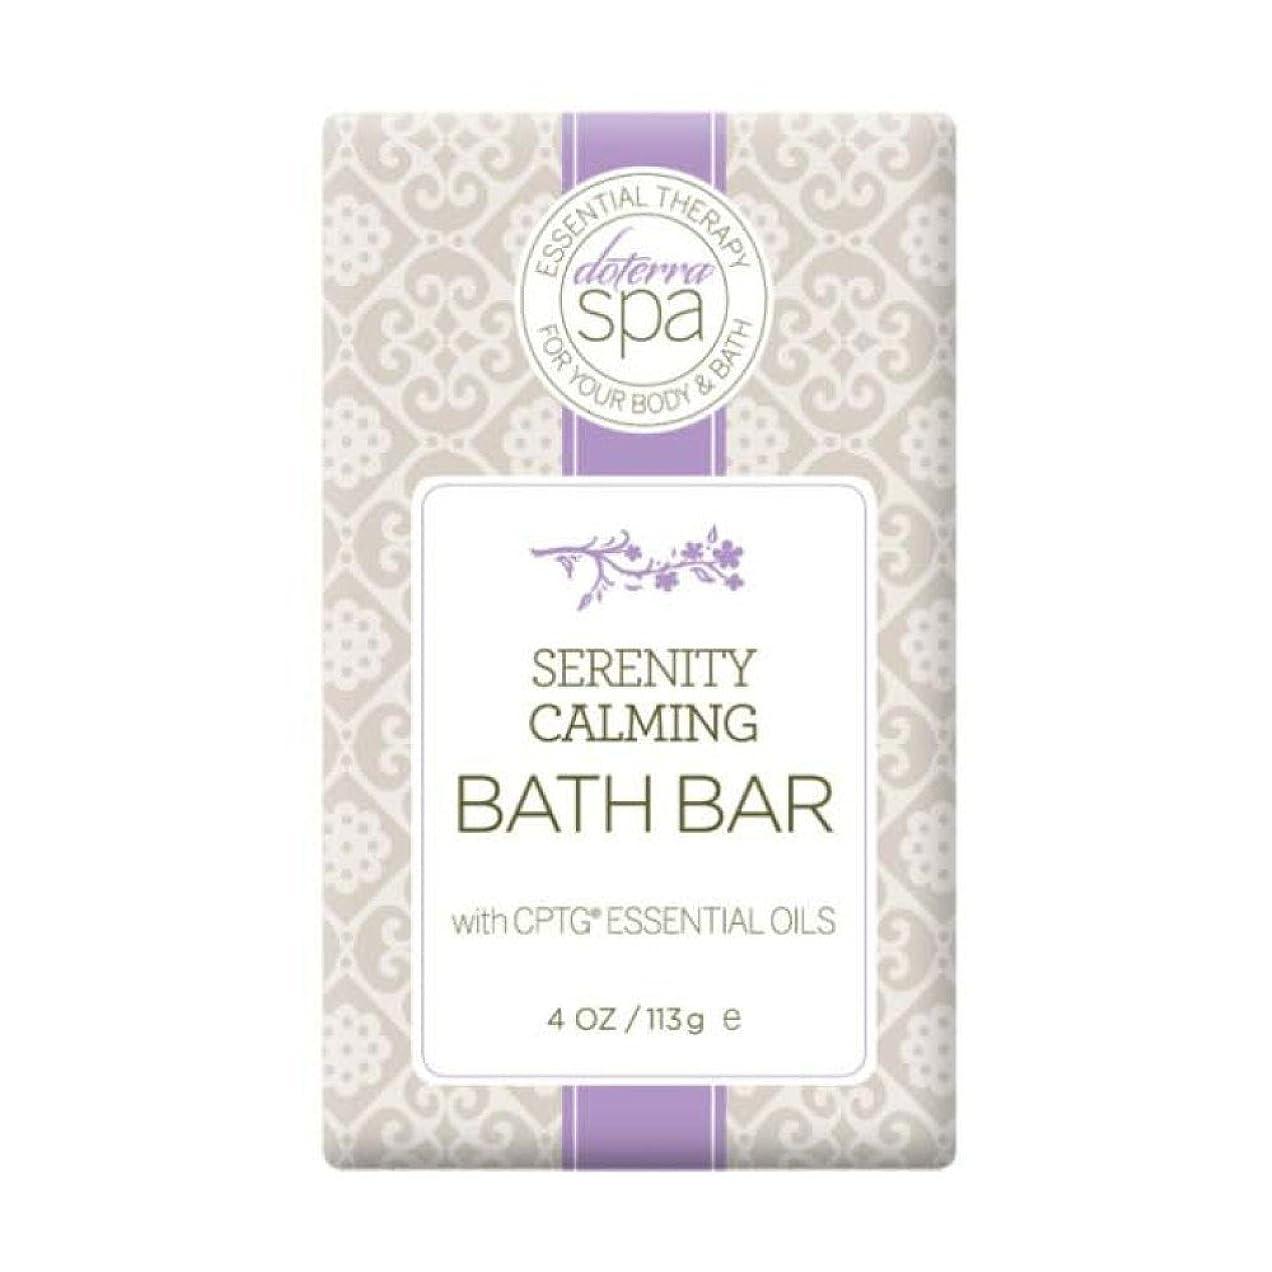 ホールドオール正直引き潮doTERRA ドテラ スパ SPA Bath Bar  Serenity Calming バスバー(日本国内販売名:ウェーブリズム) 一等級精油 113g 100%CPTG [海外直送品]